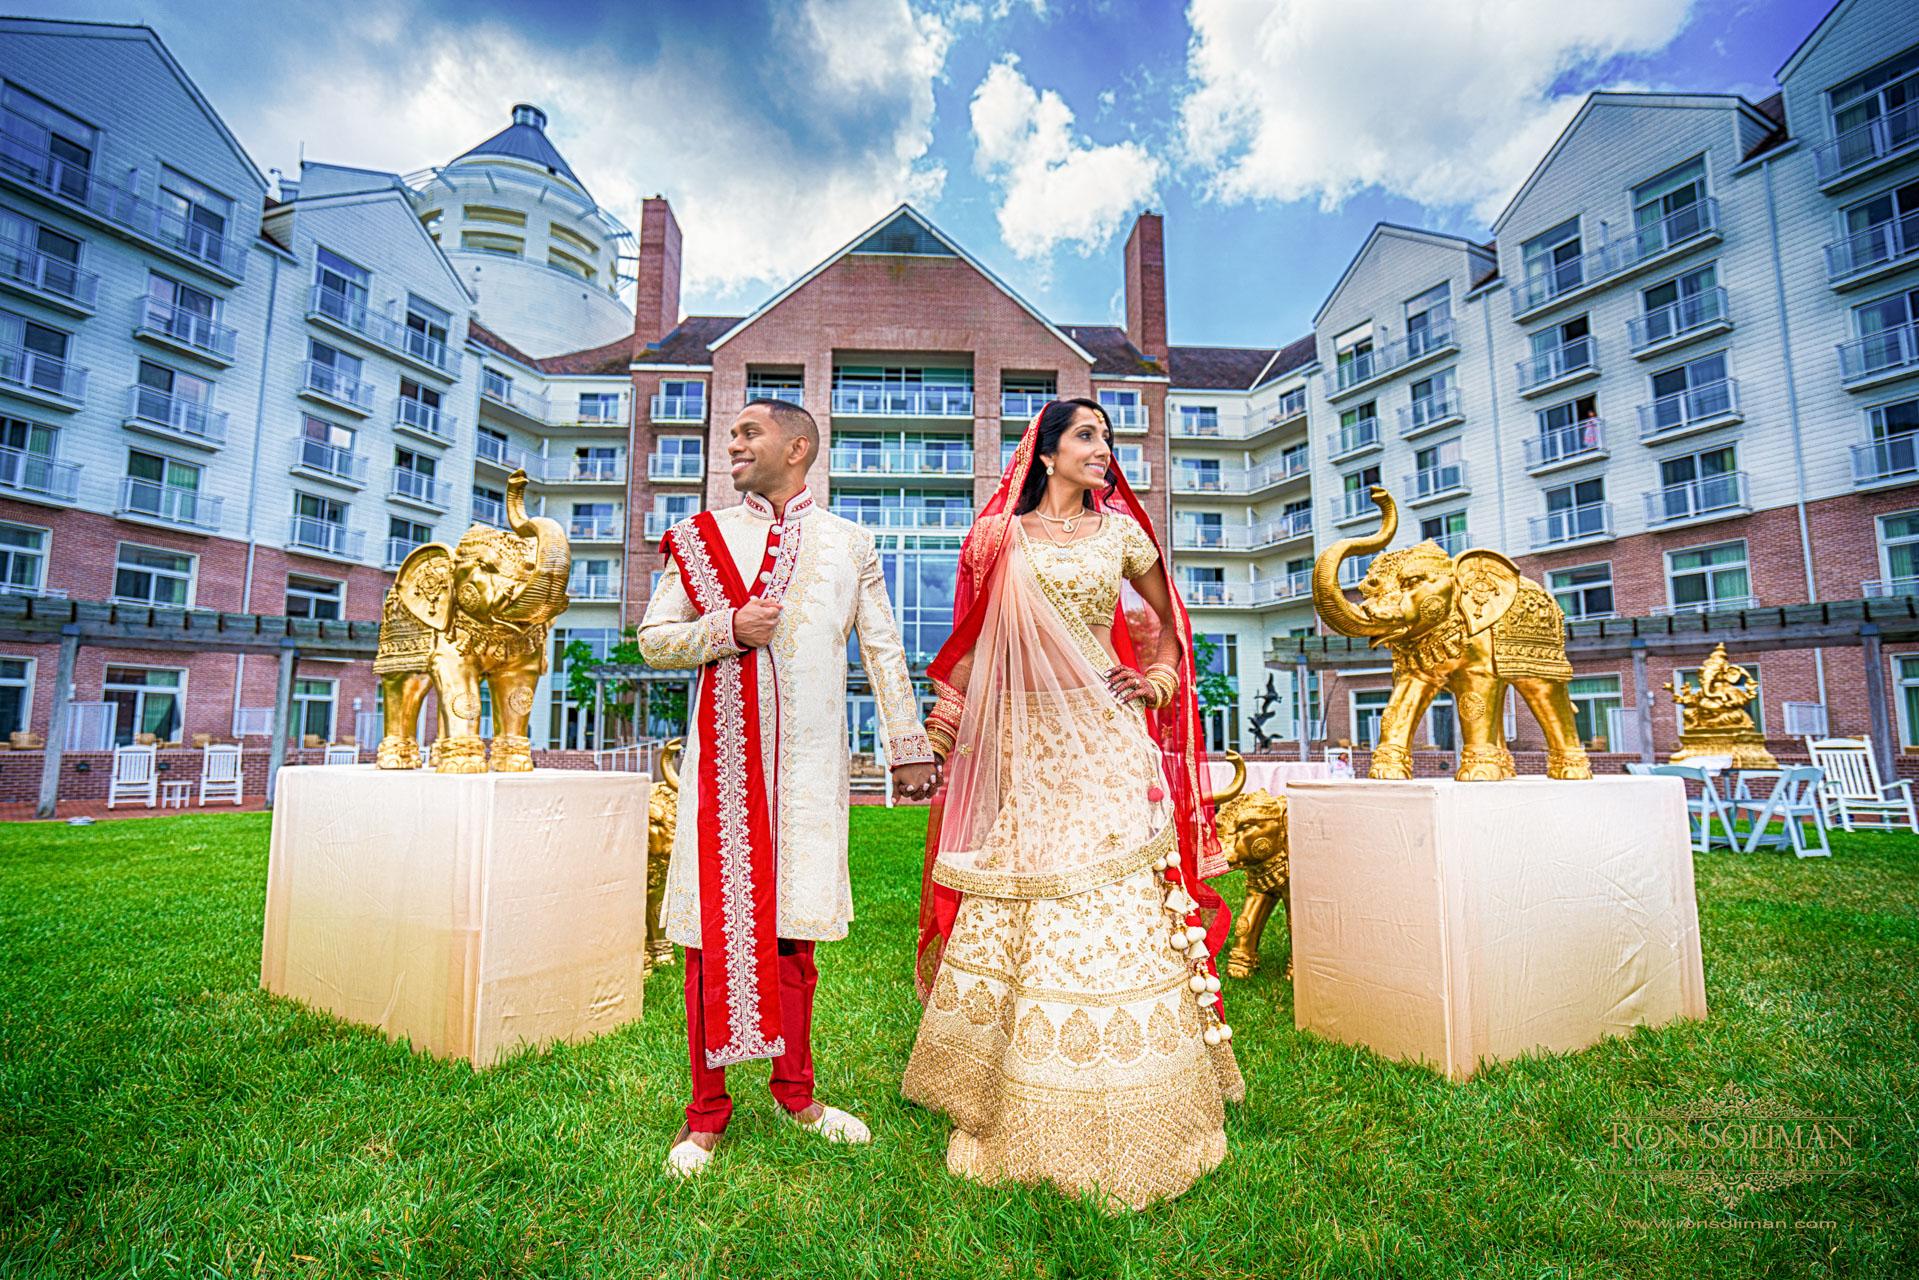 Hyatt Regency Chesapeake Bay Wedding 7